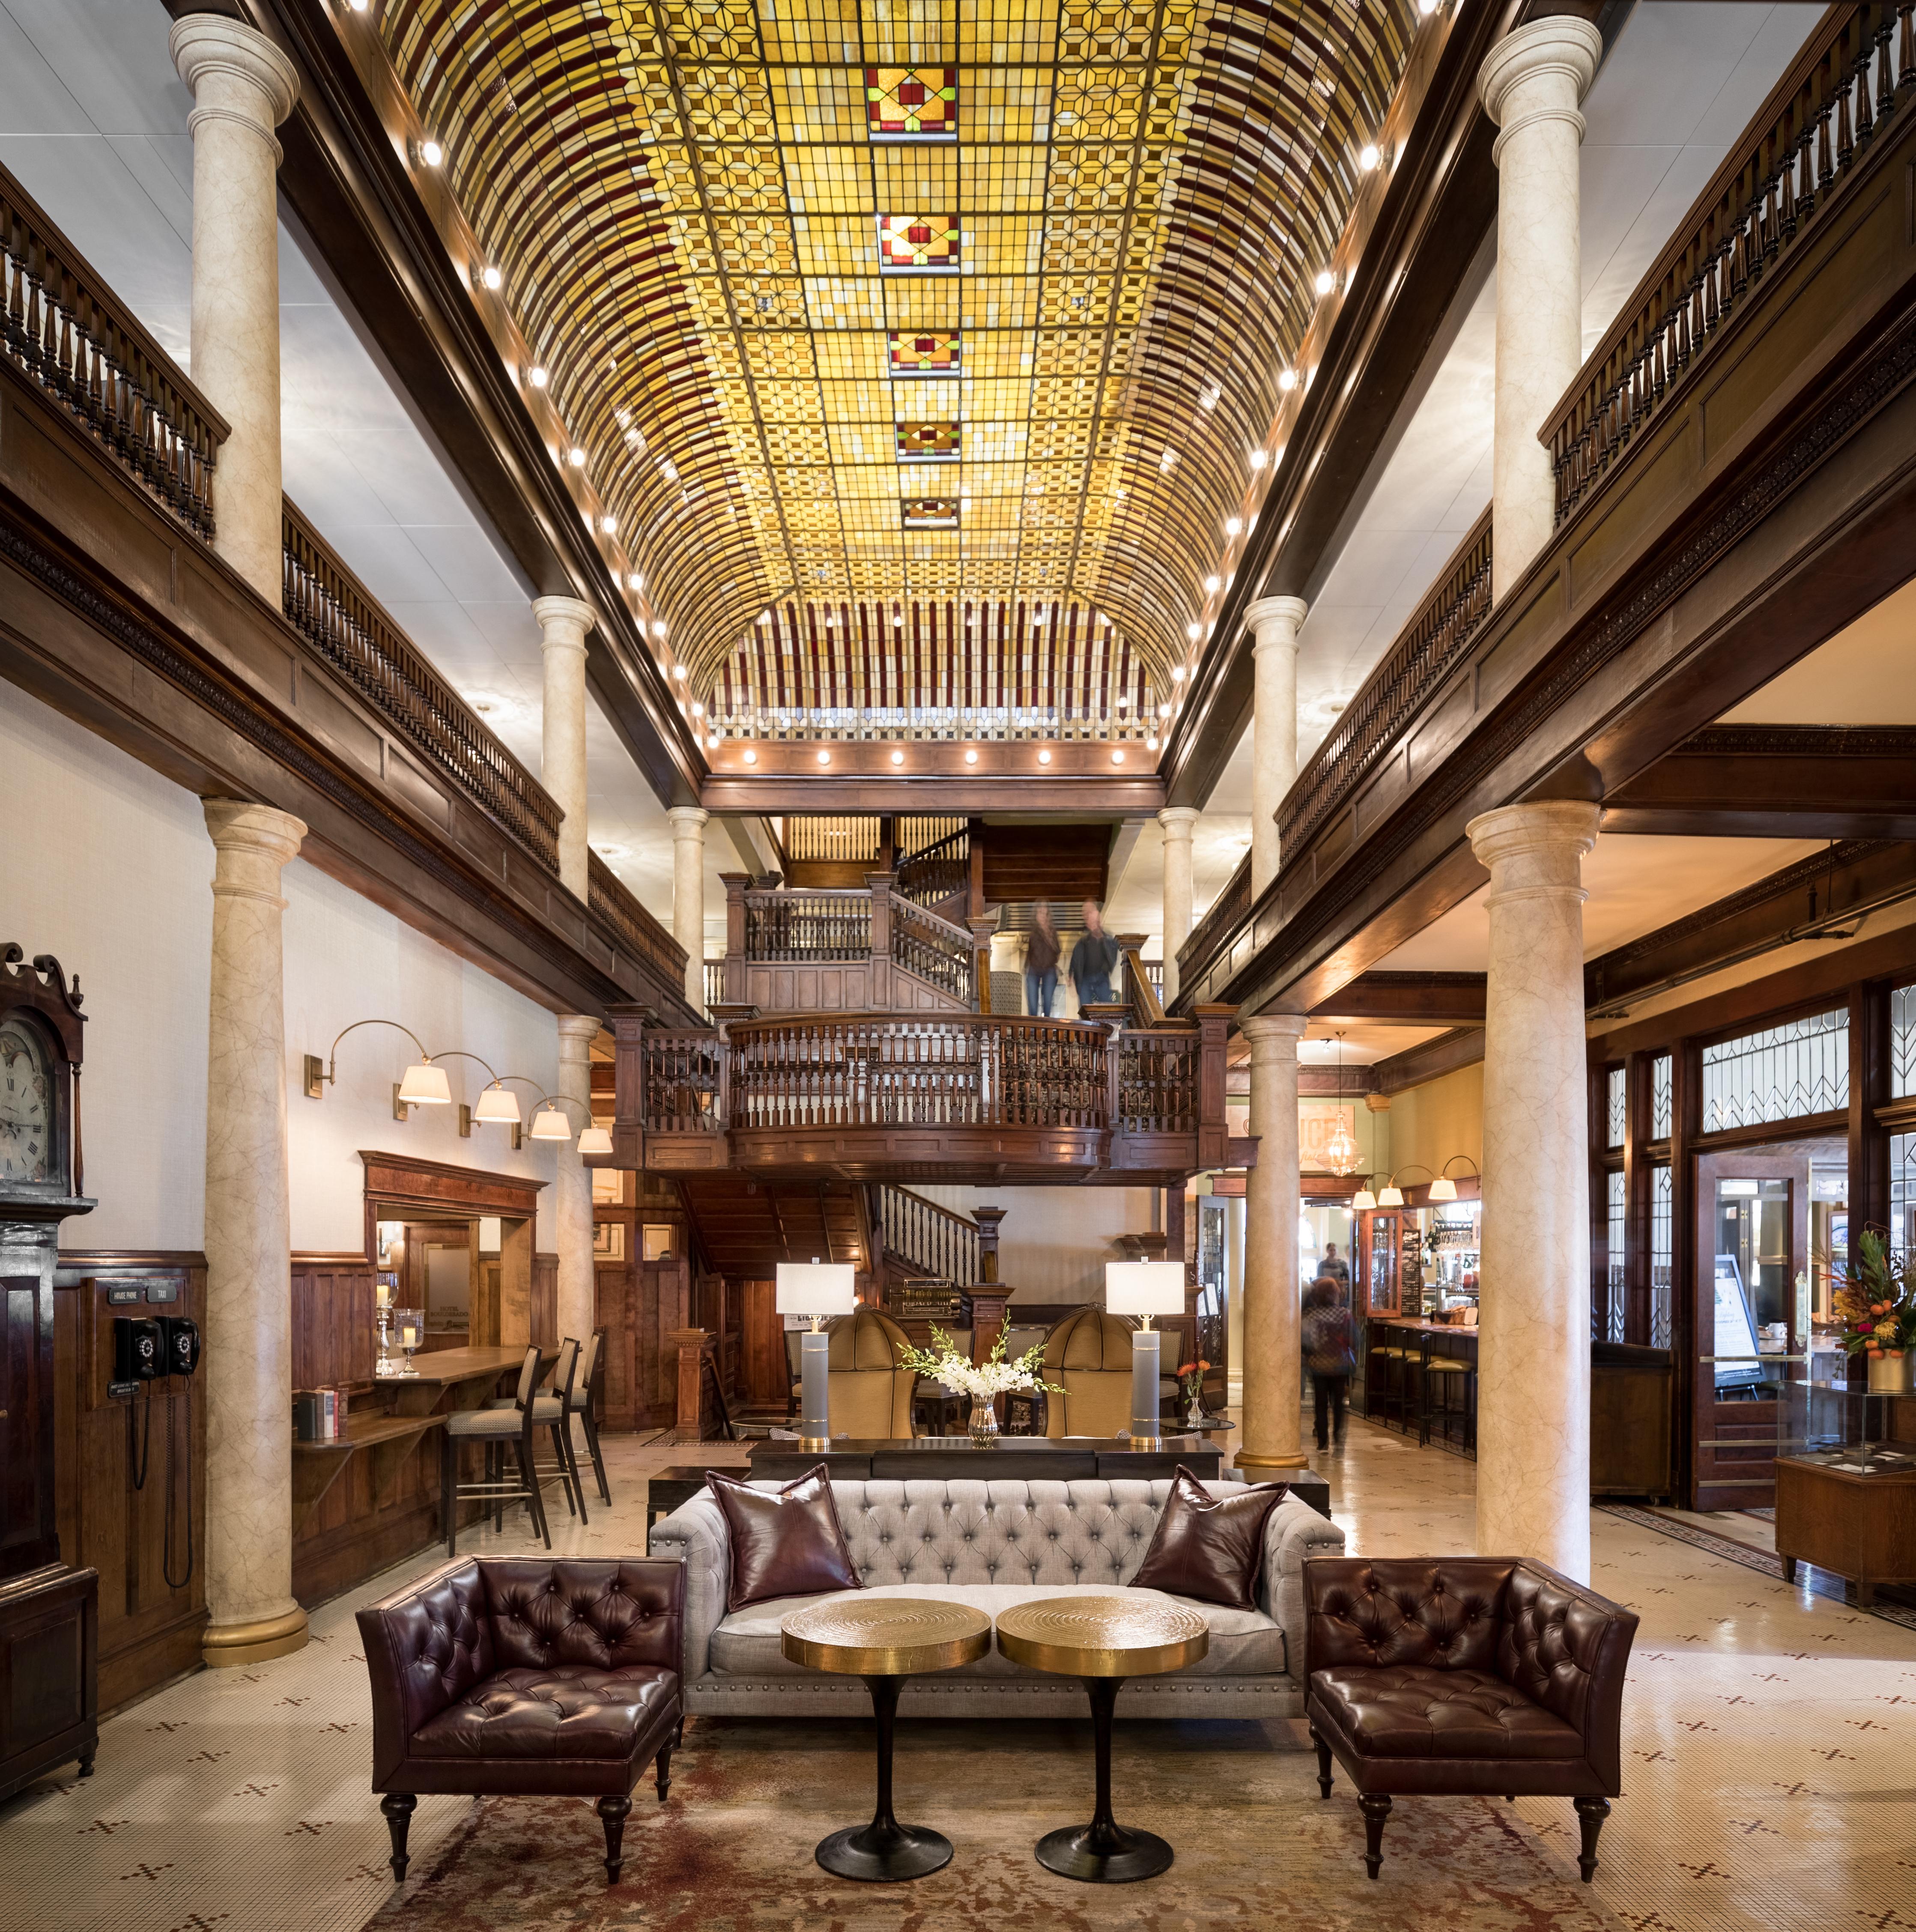 Hotel Boulderado, stained-glass atrium